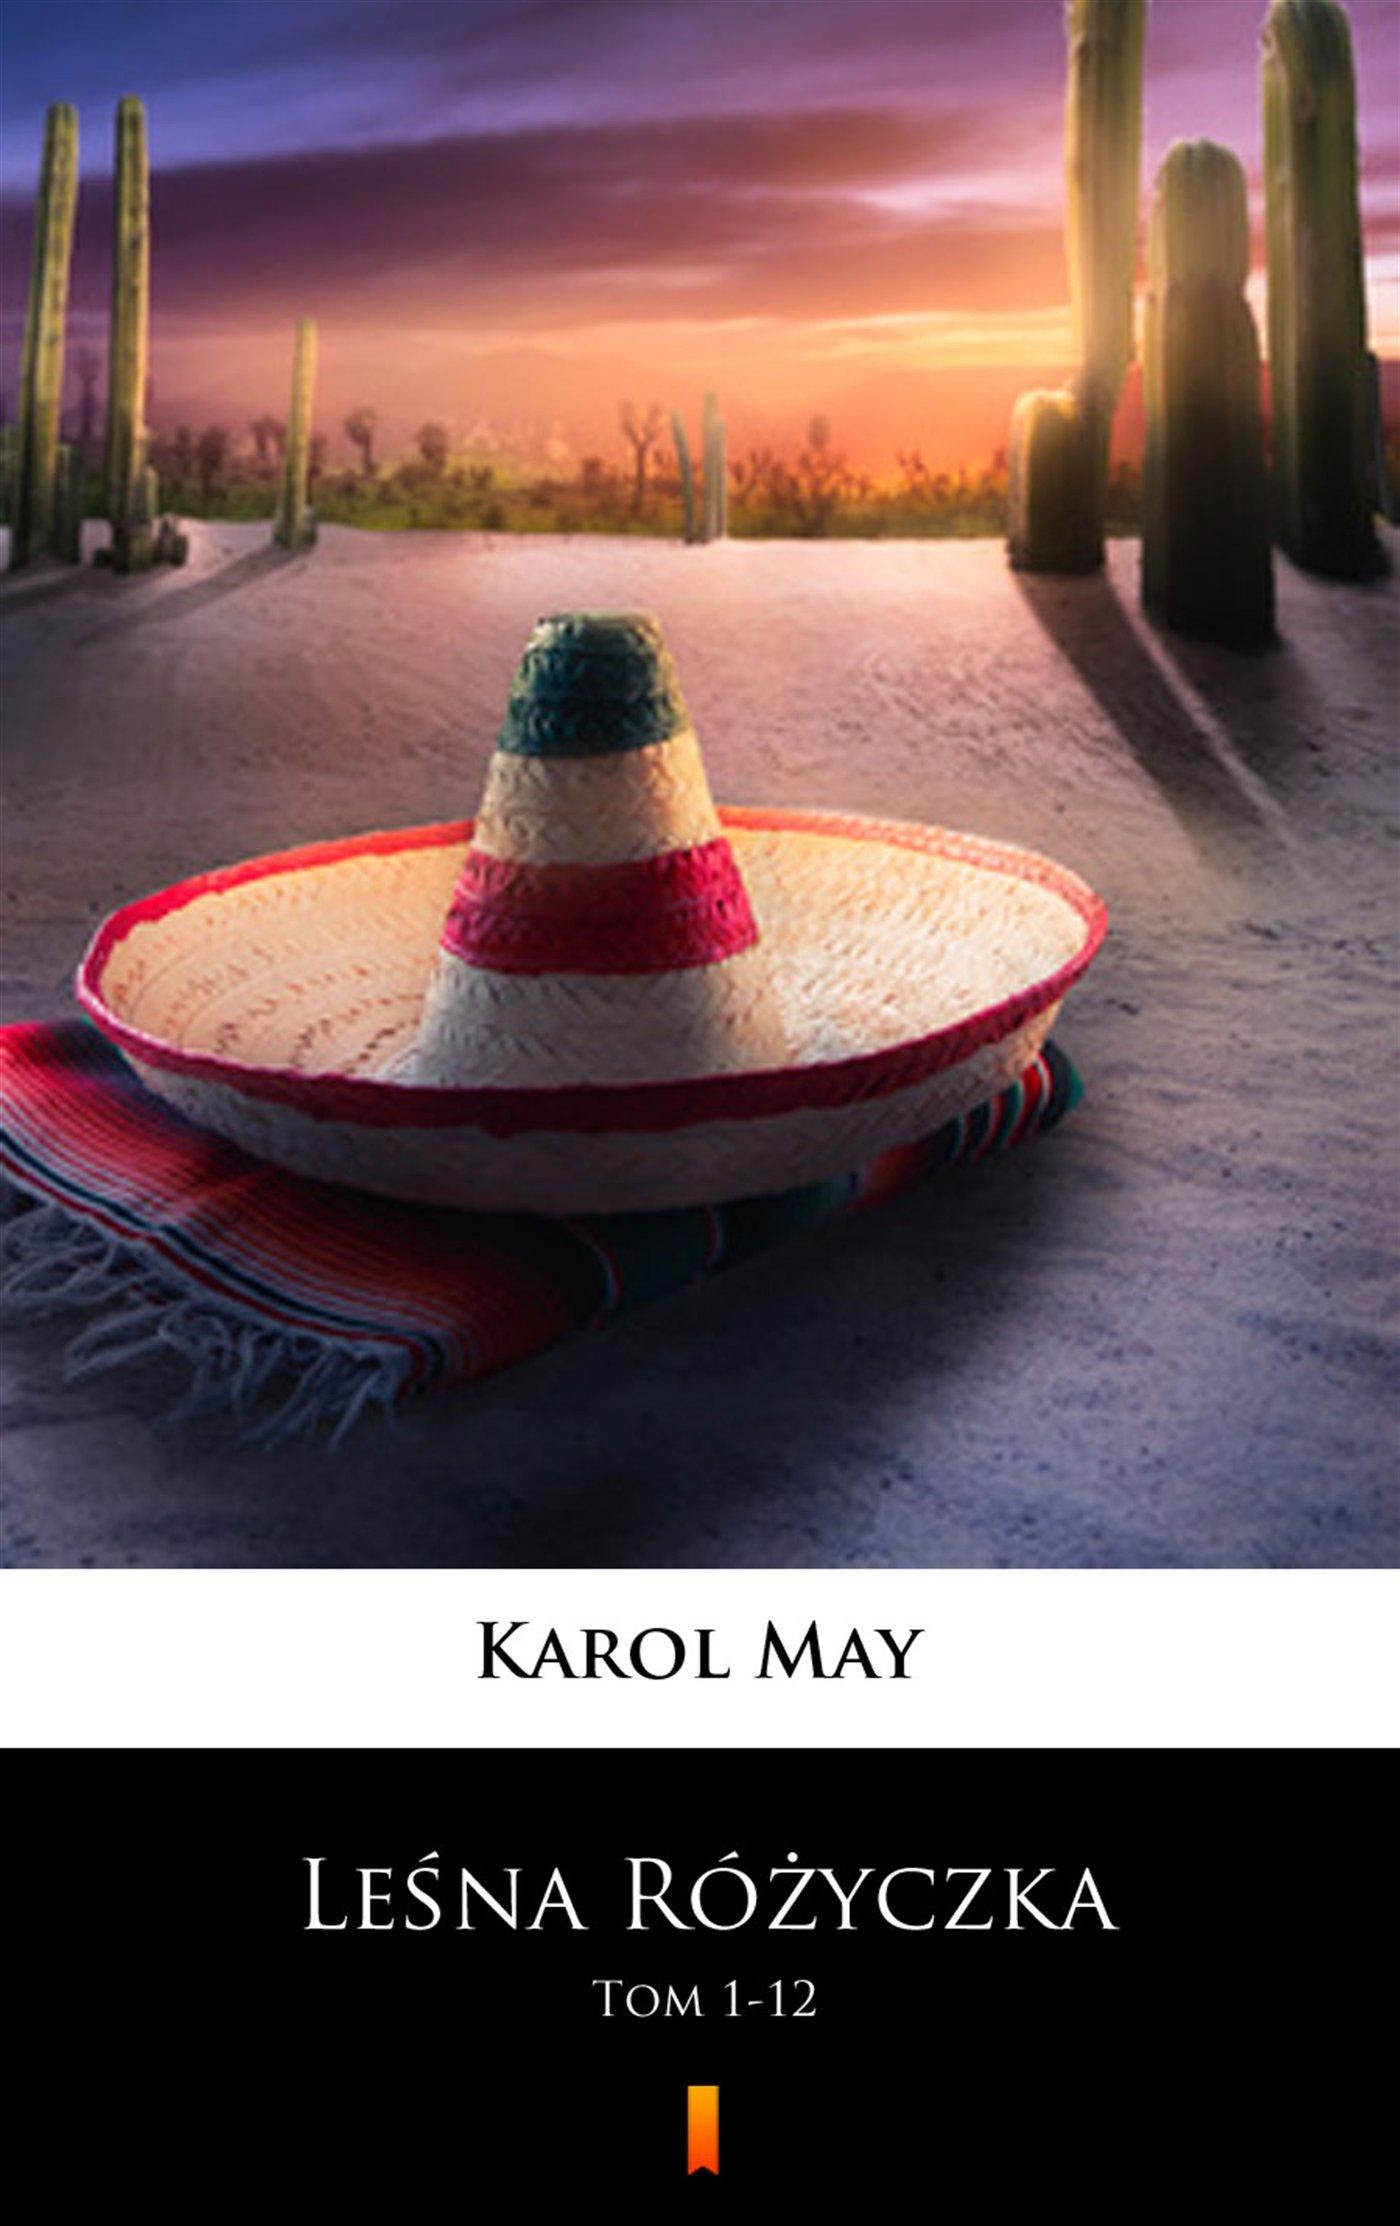 Leśna Różyczka. Tom 1-12 - Ebook (Książka na Kindle) do pobrania w formacie MOBI